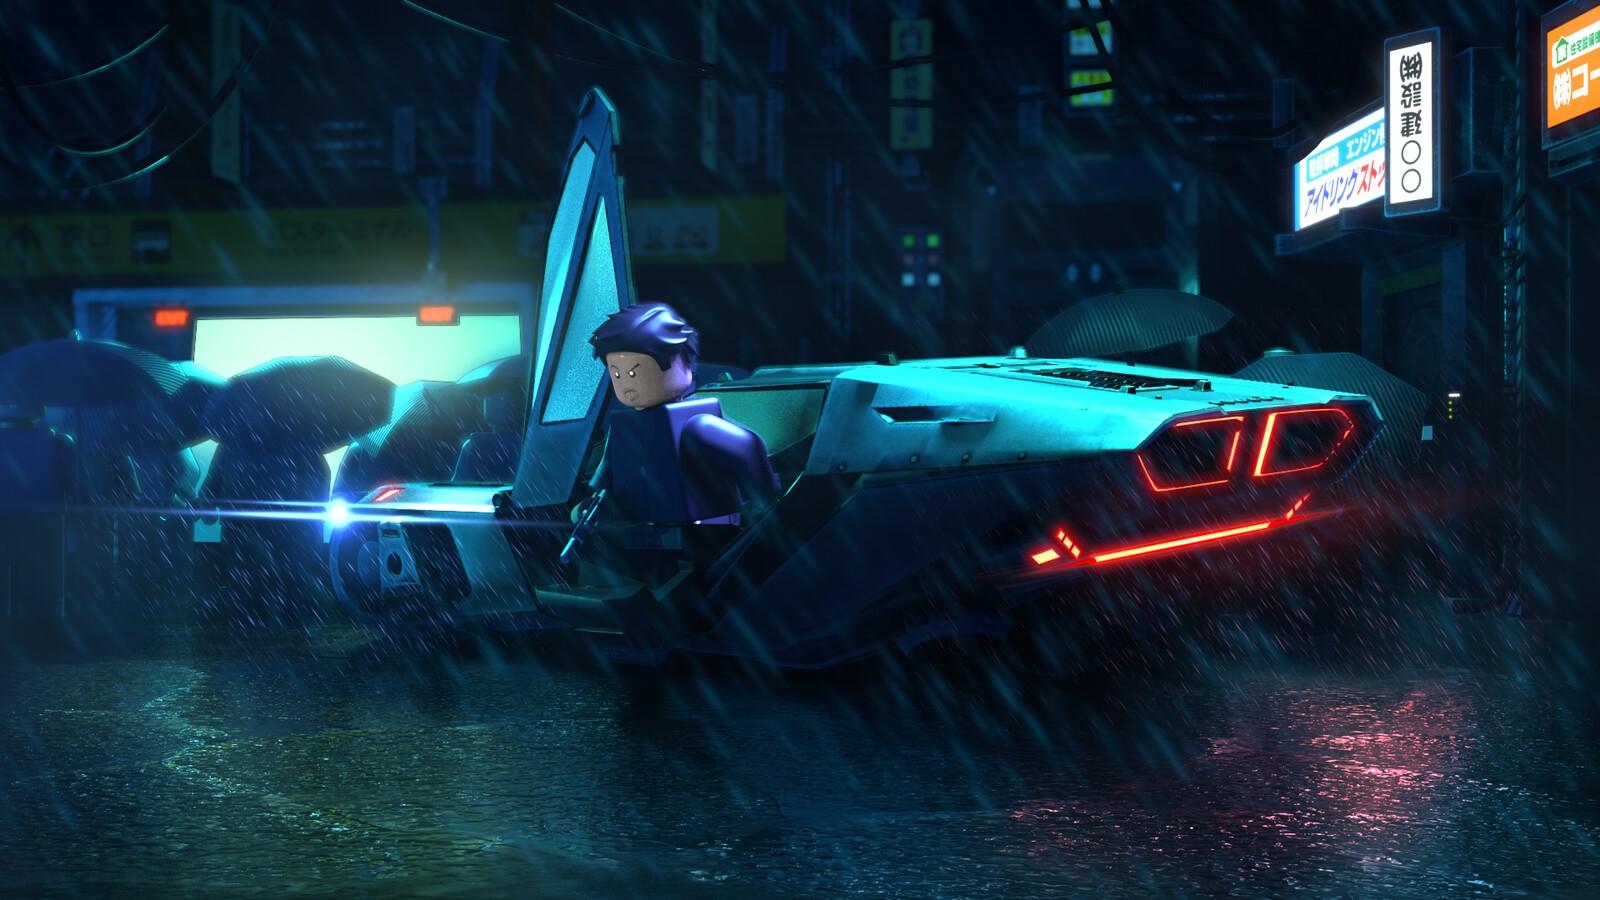 Lego Blade Runner (Fan art) - Project 01